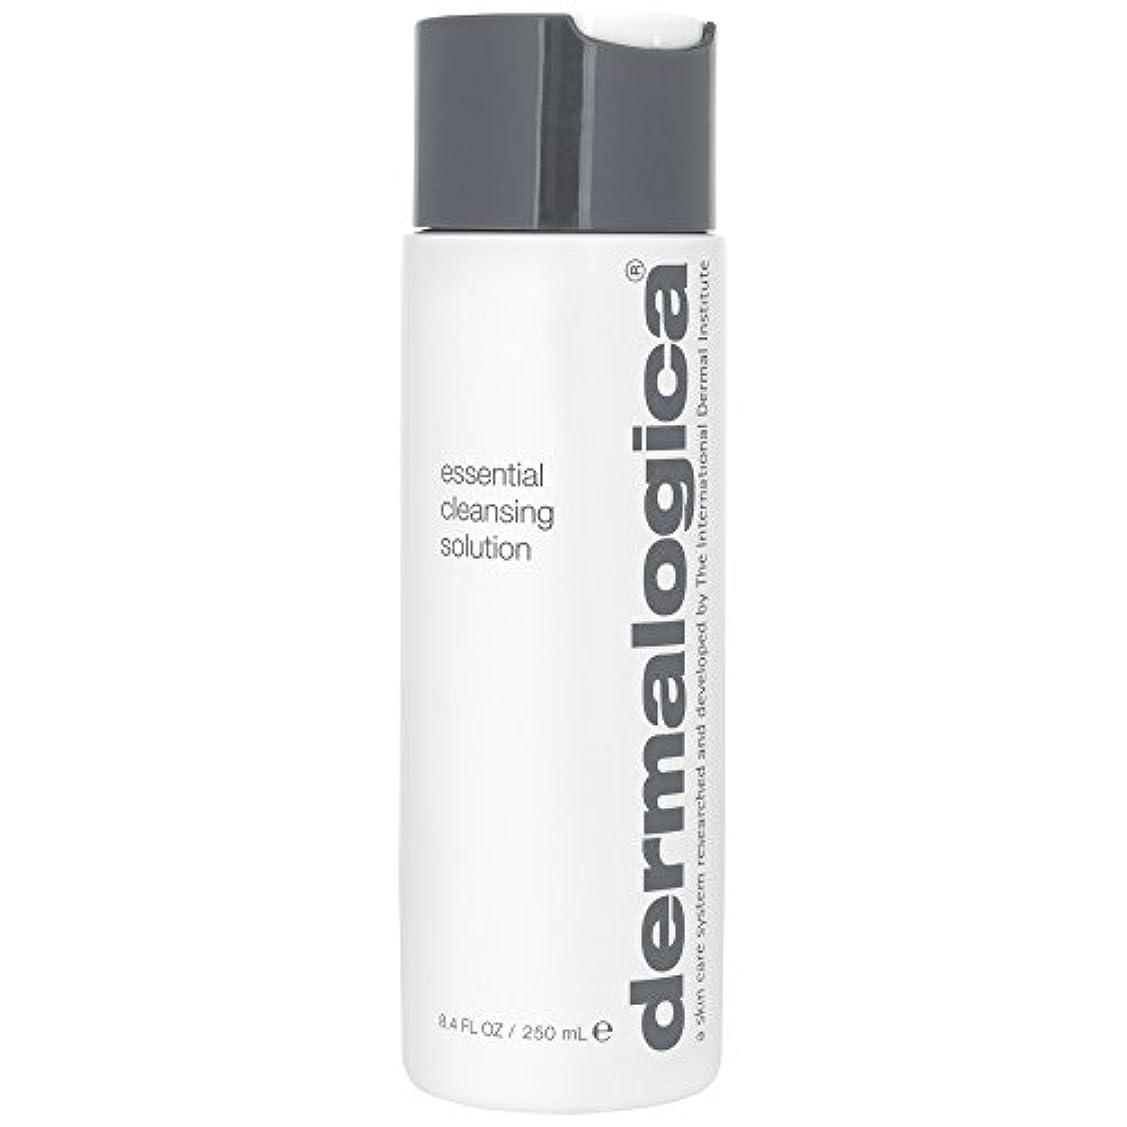 恒久的体操選手無知ダーマロジカ不可欠な洗浄液の250ミリリットル (Dermalogica) - Dermalogica Essential Cleansing Solution 250ml [並行輸入品]